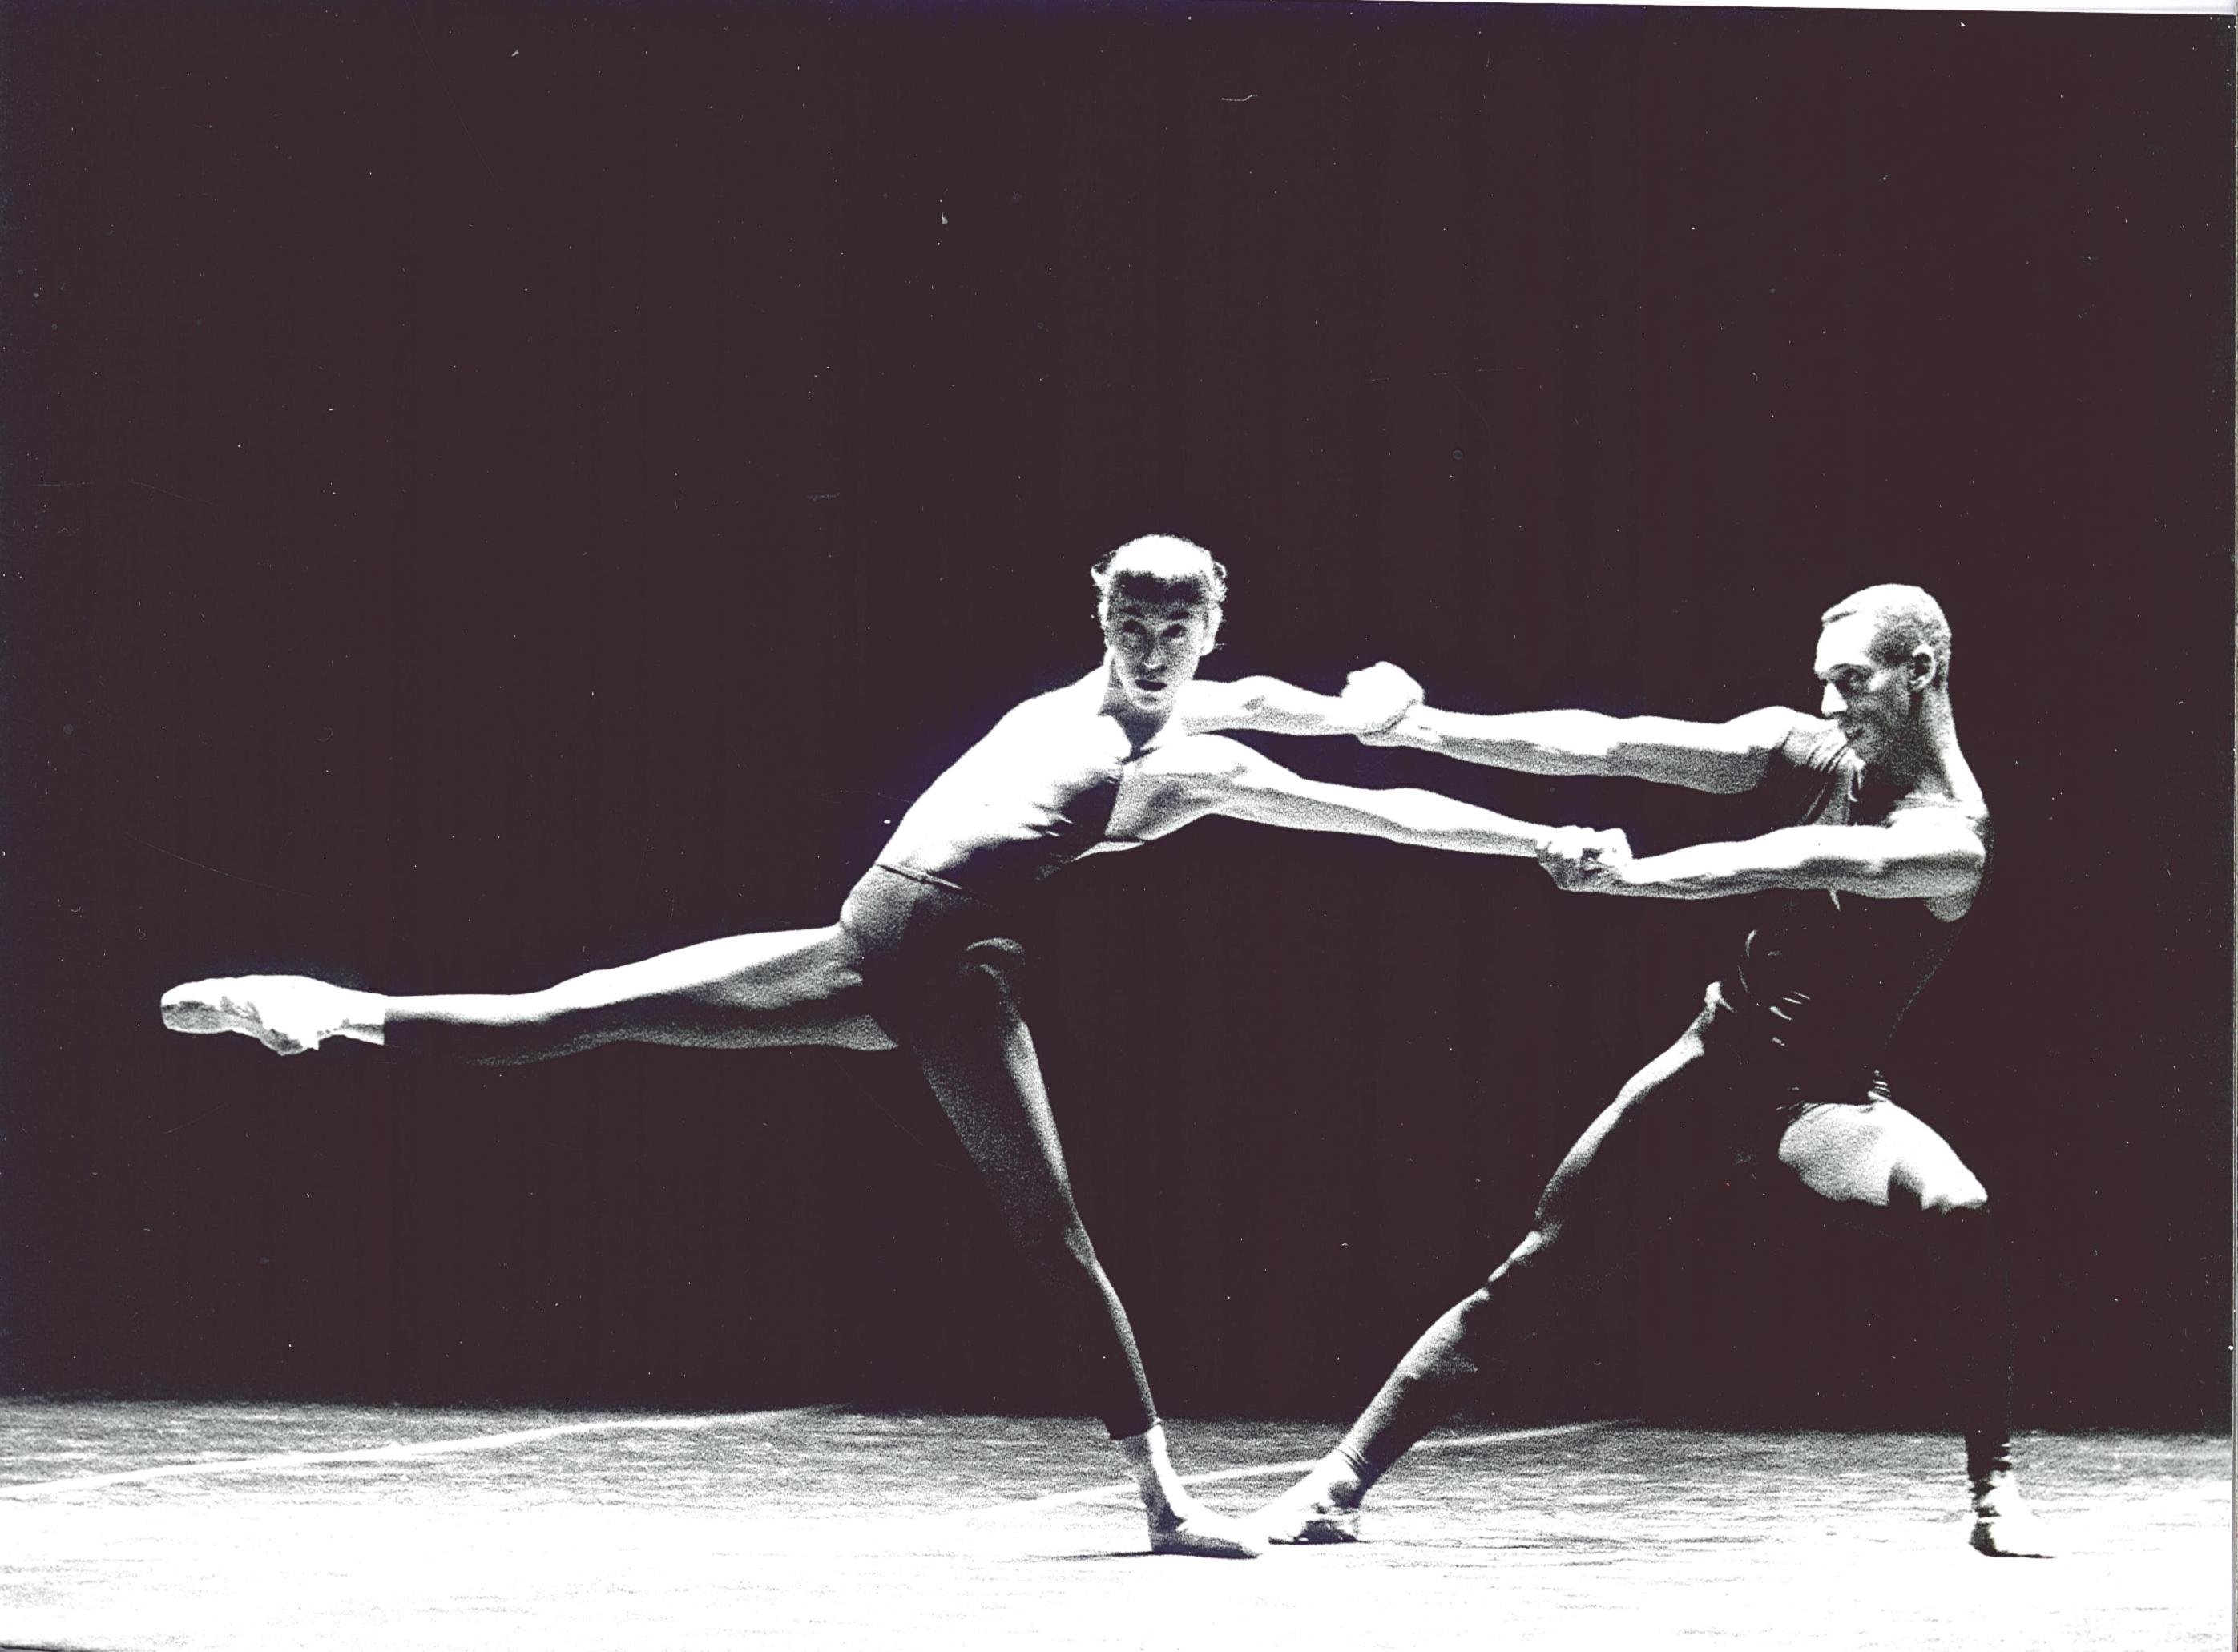 Eva López Crevillén y Tony Fabre en la coreografía de William Forsythe, In the Middle, Somewhat Elevated